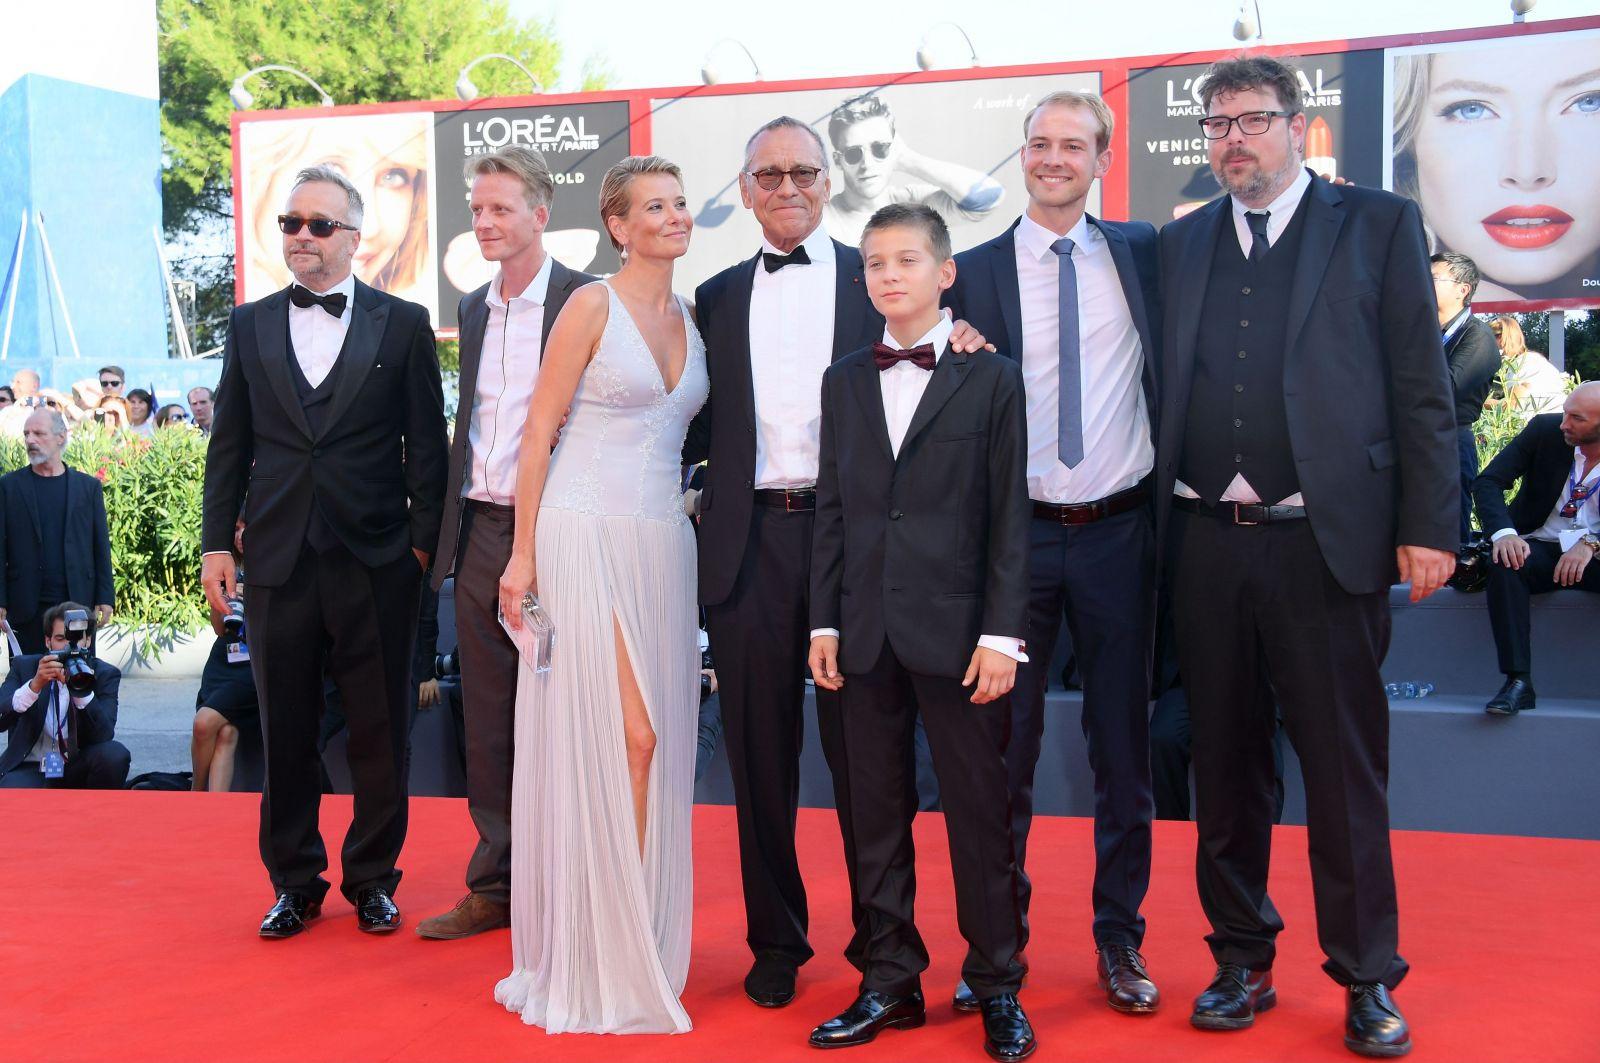 венецианский кинофестиваль 2016 фото красная дорожка